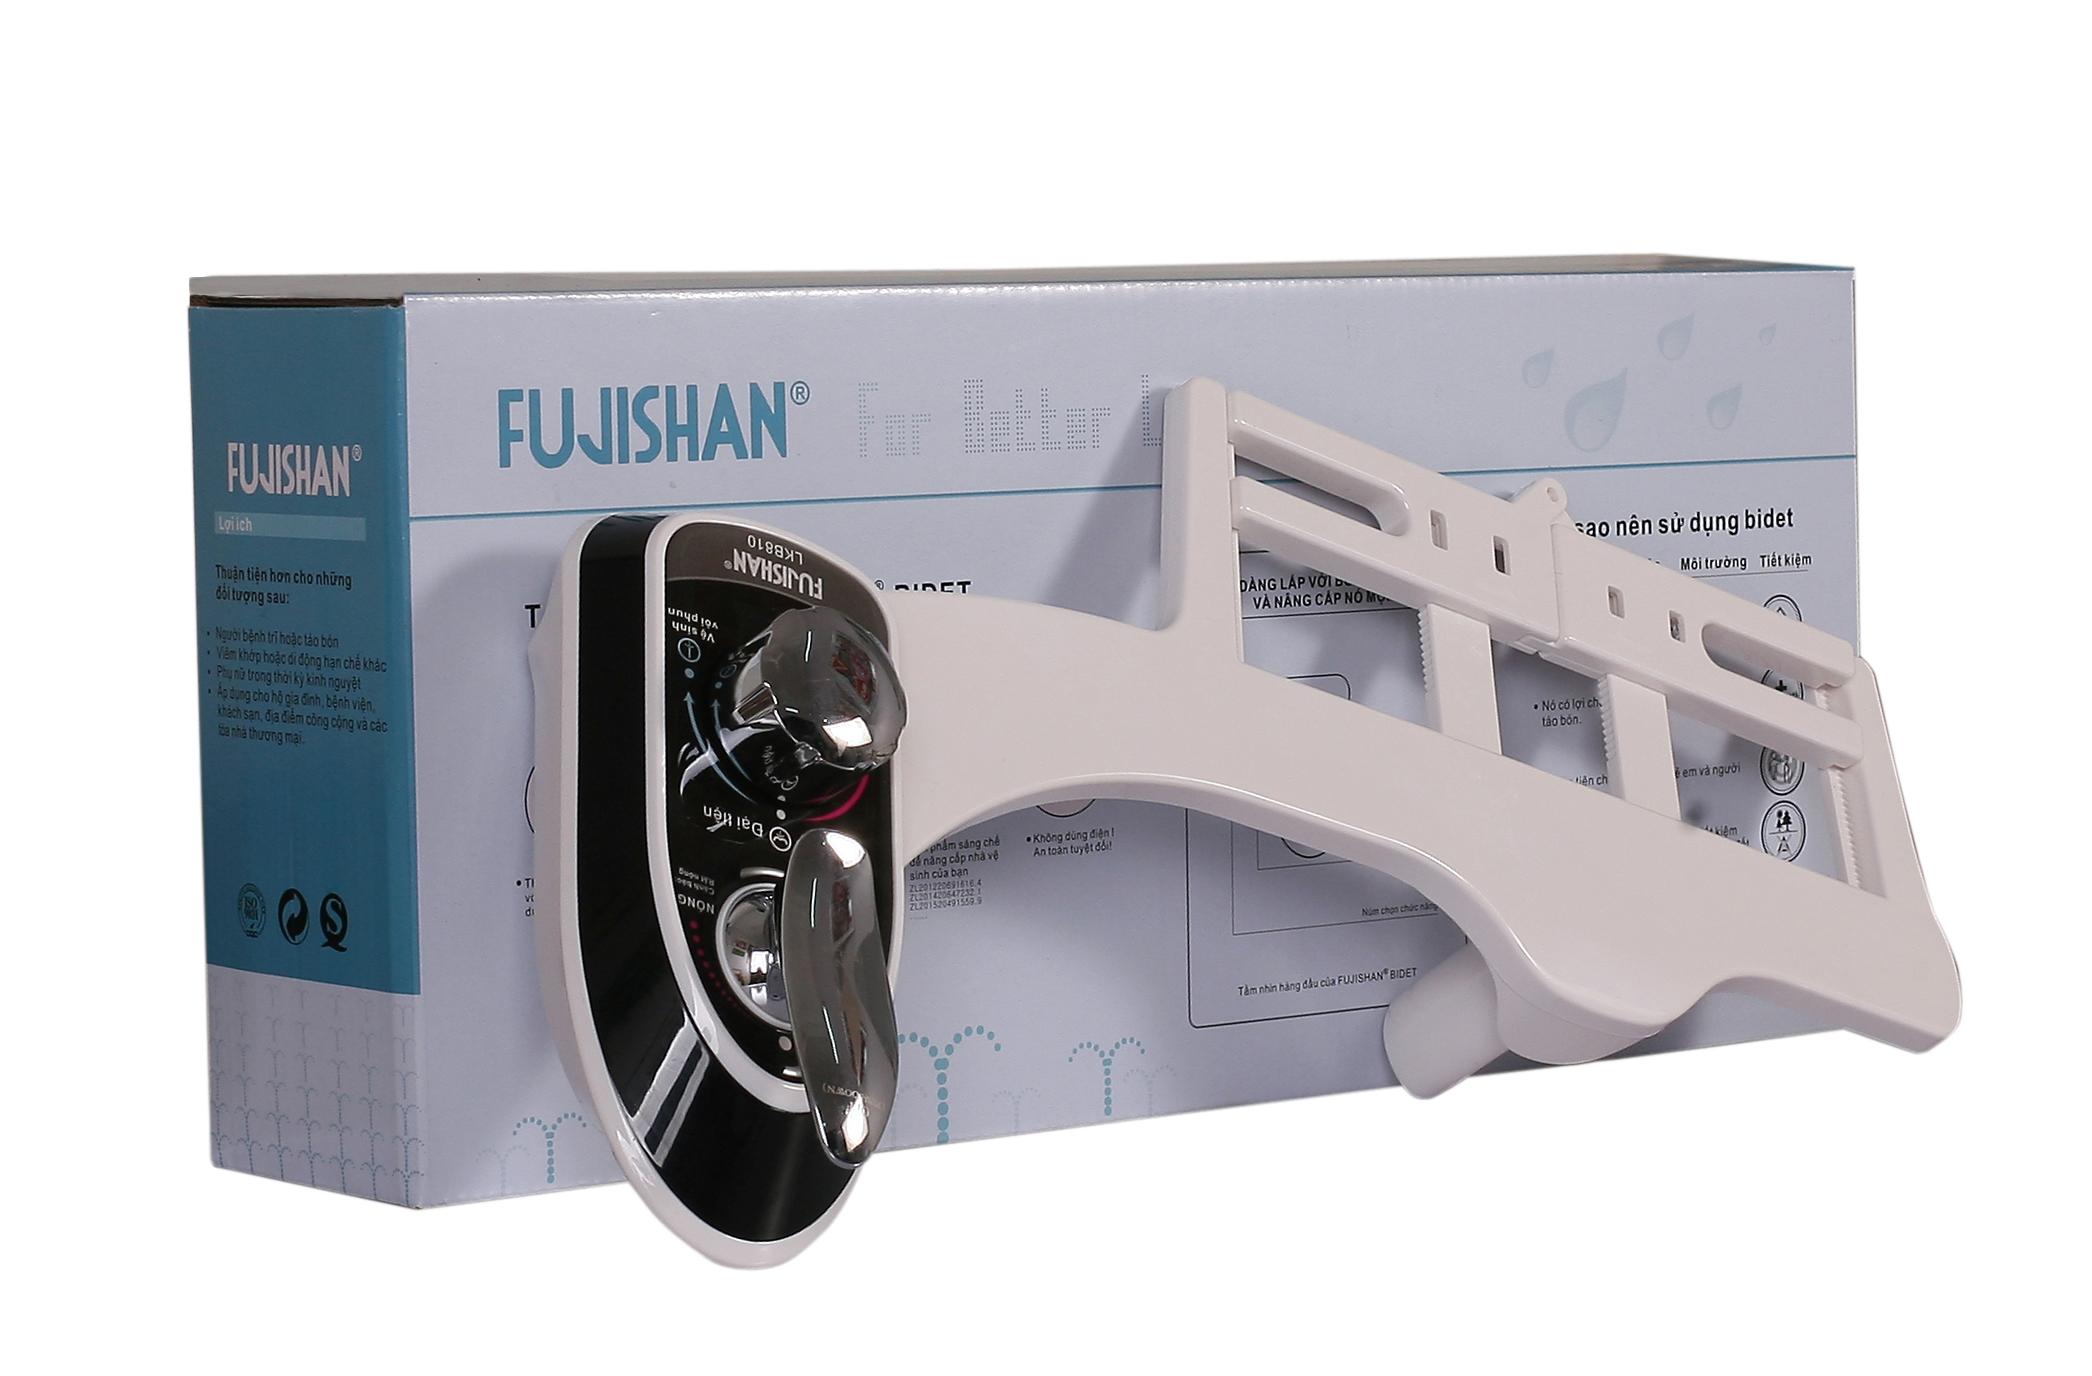 Thiết bị vòi rửa vệ sinh thông minh Fujishan Bidet